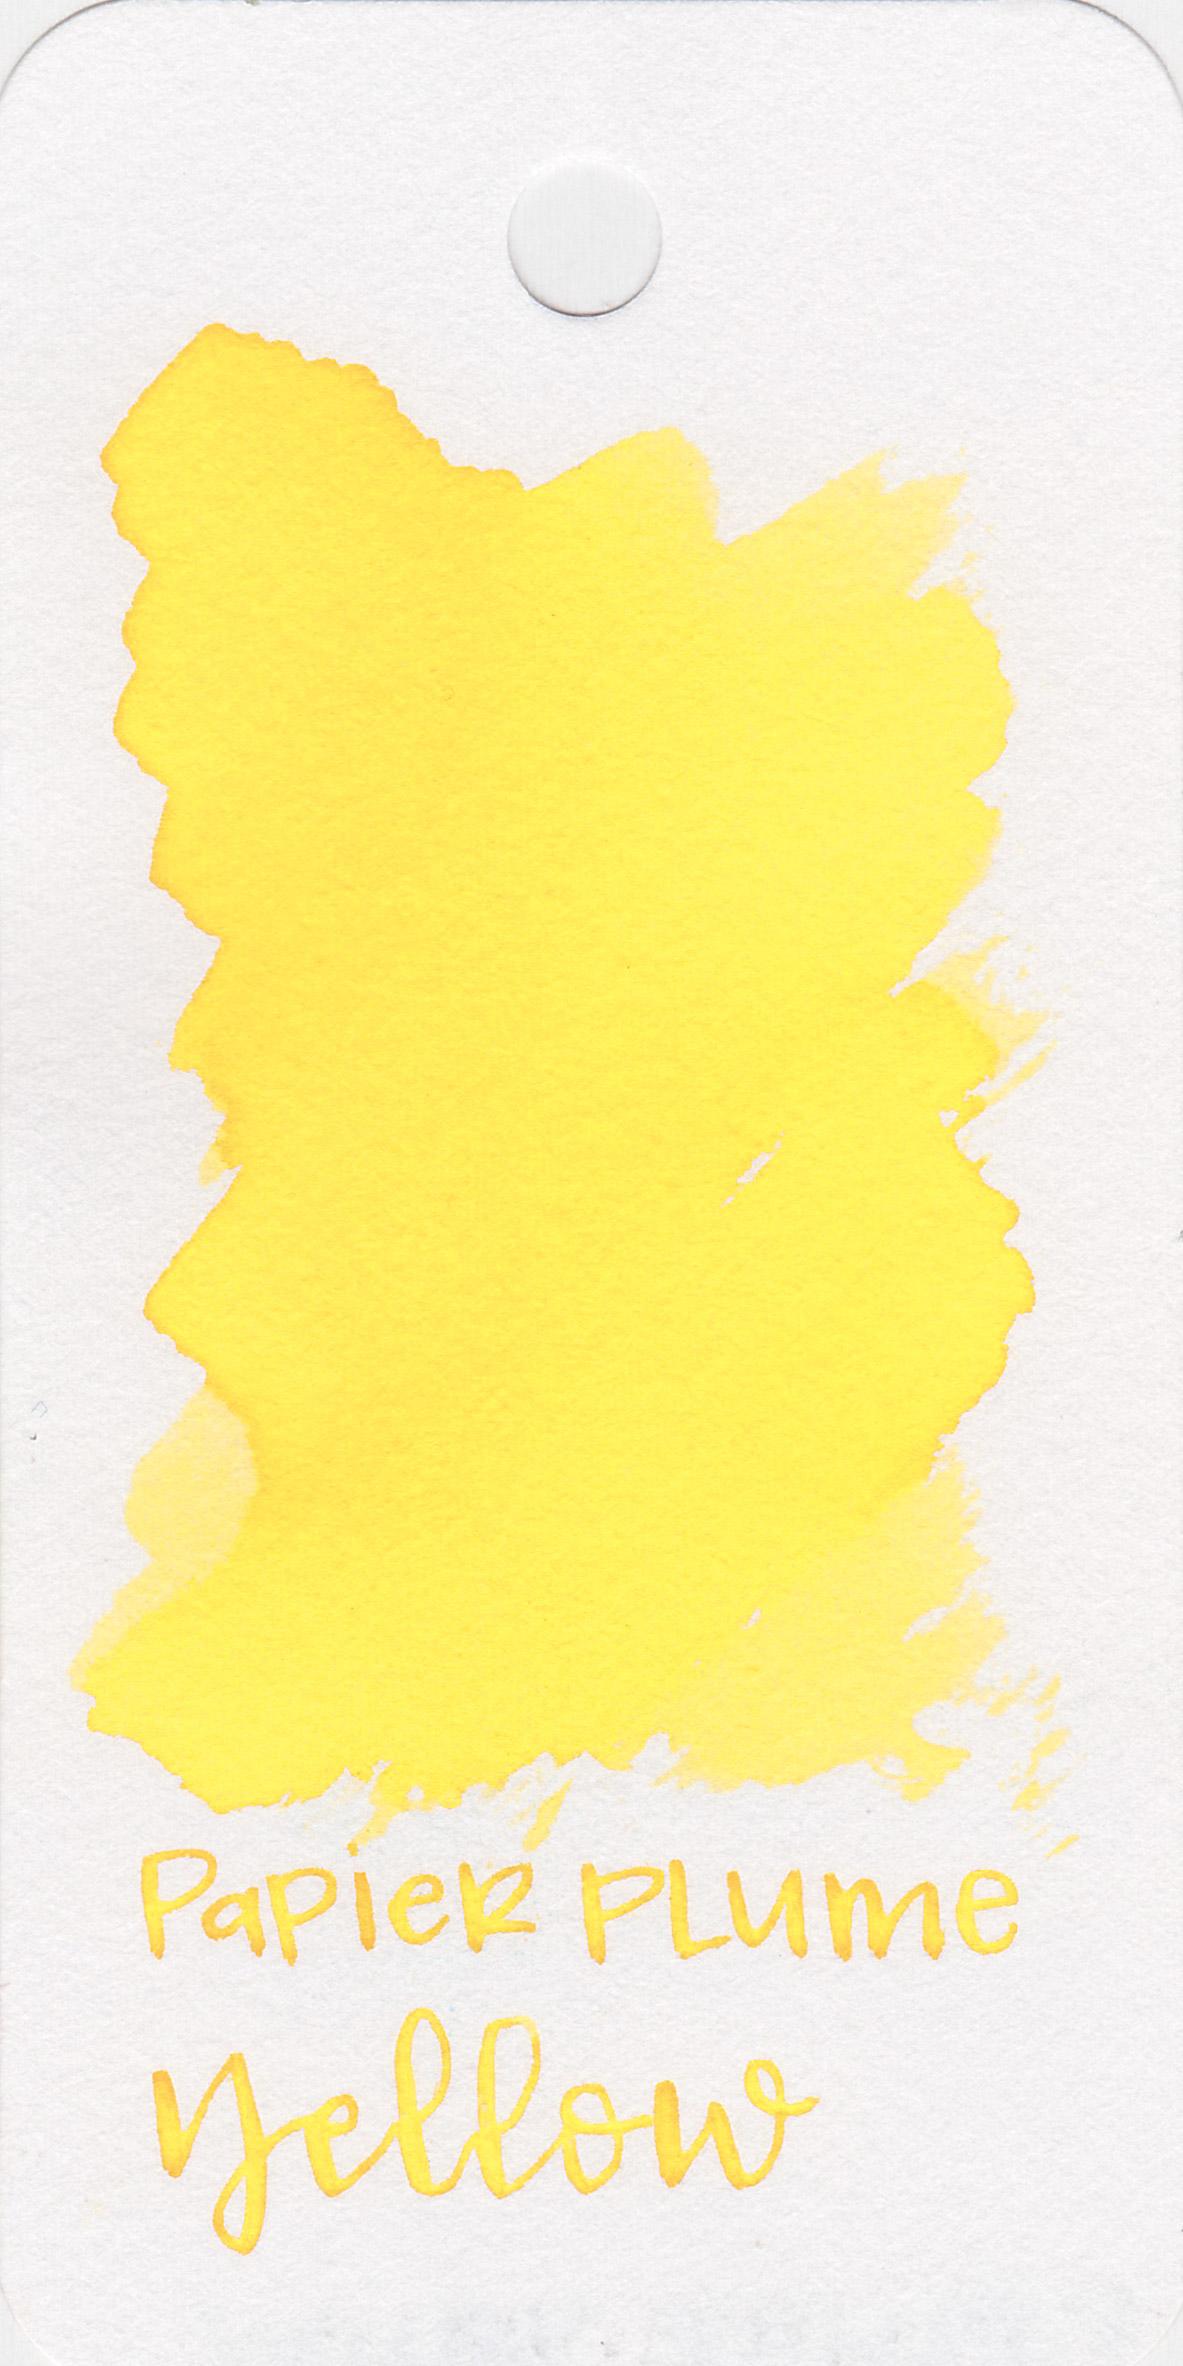 pp-yellow-1.jpg